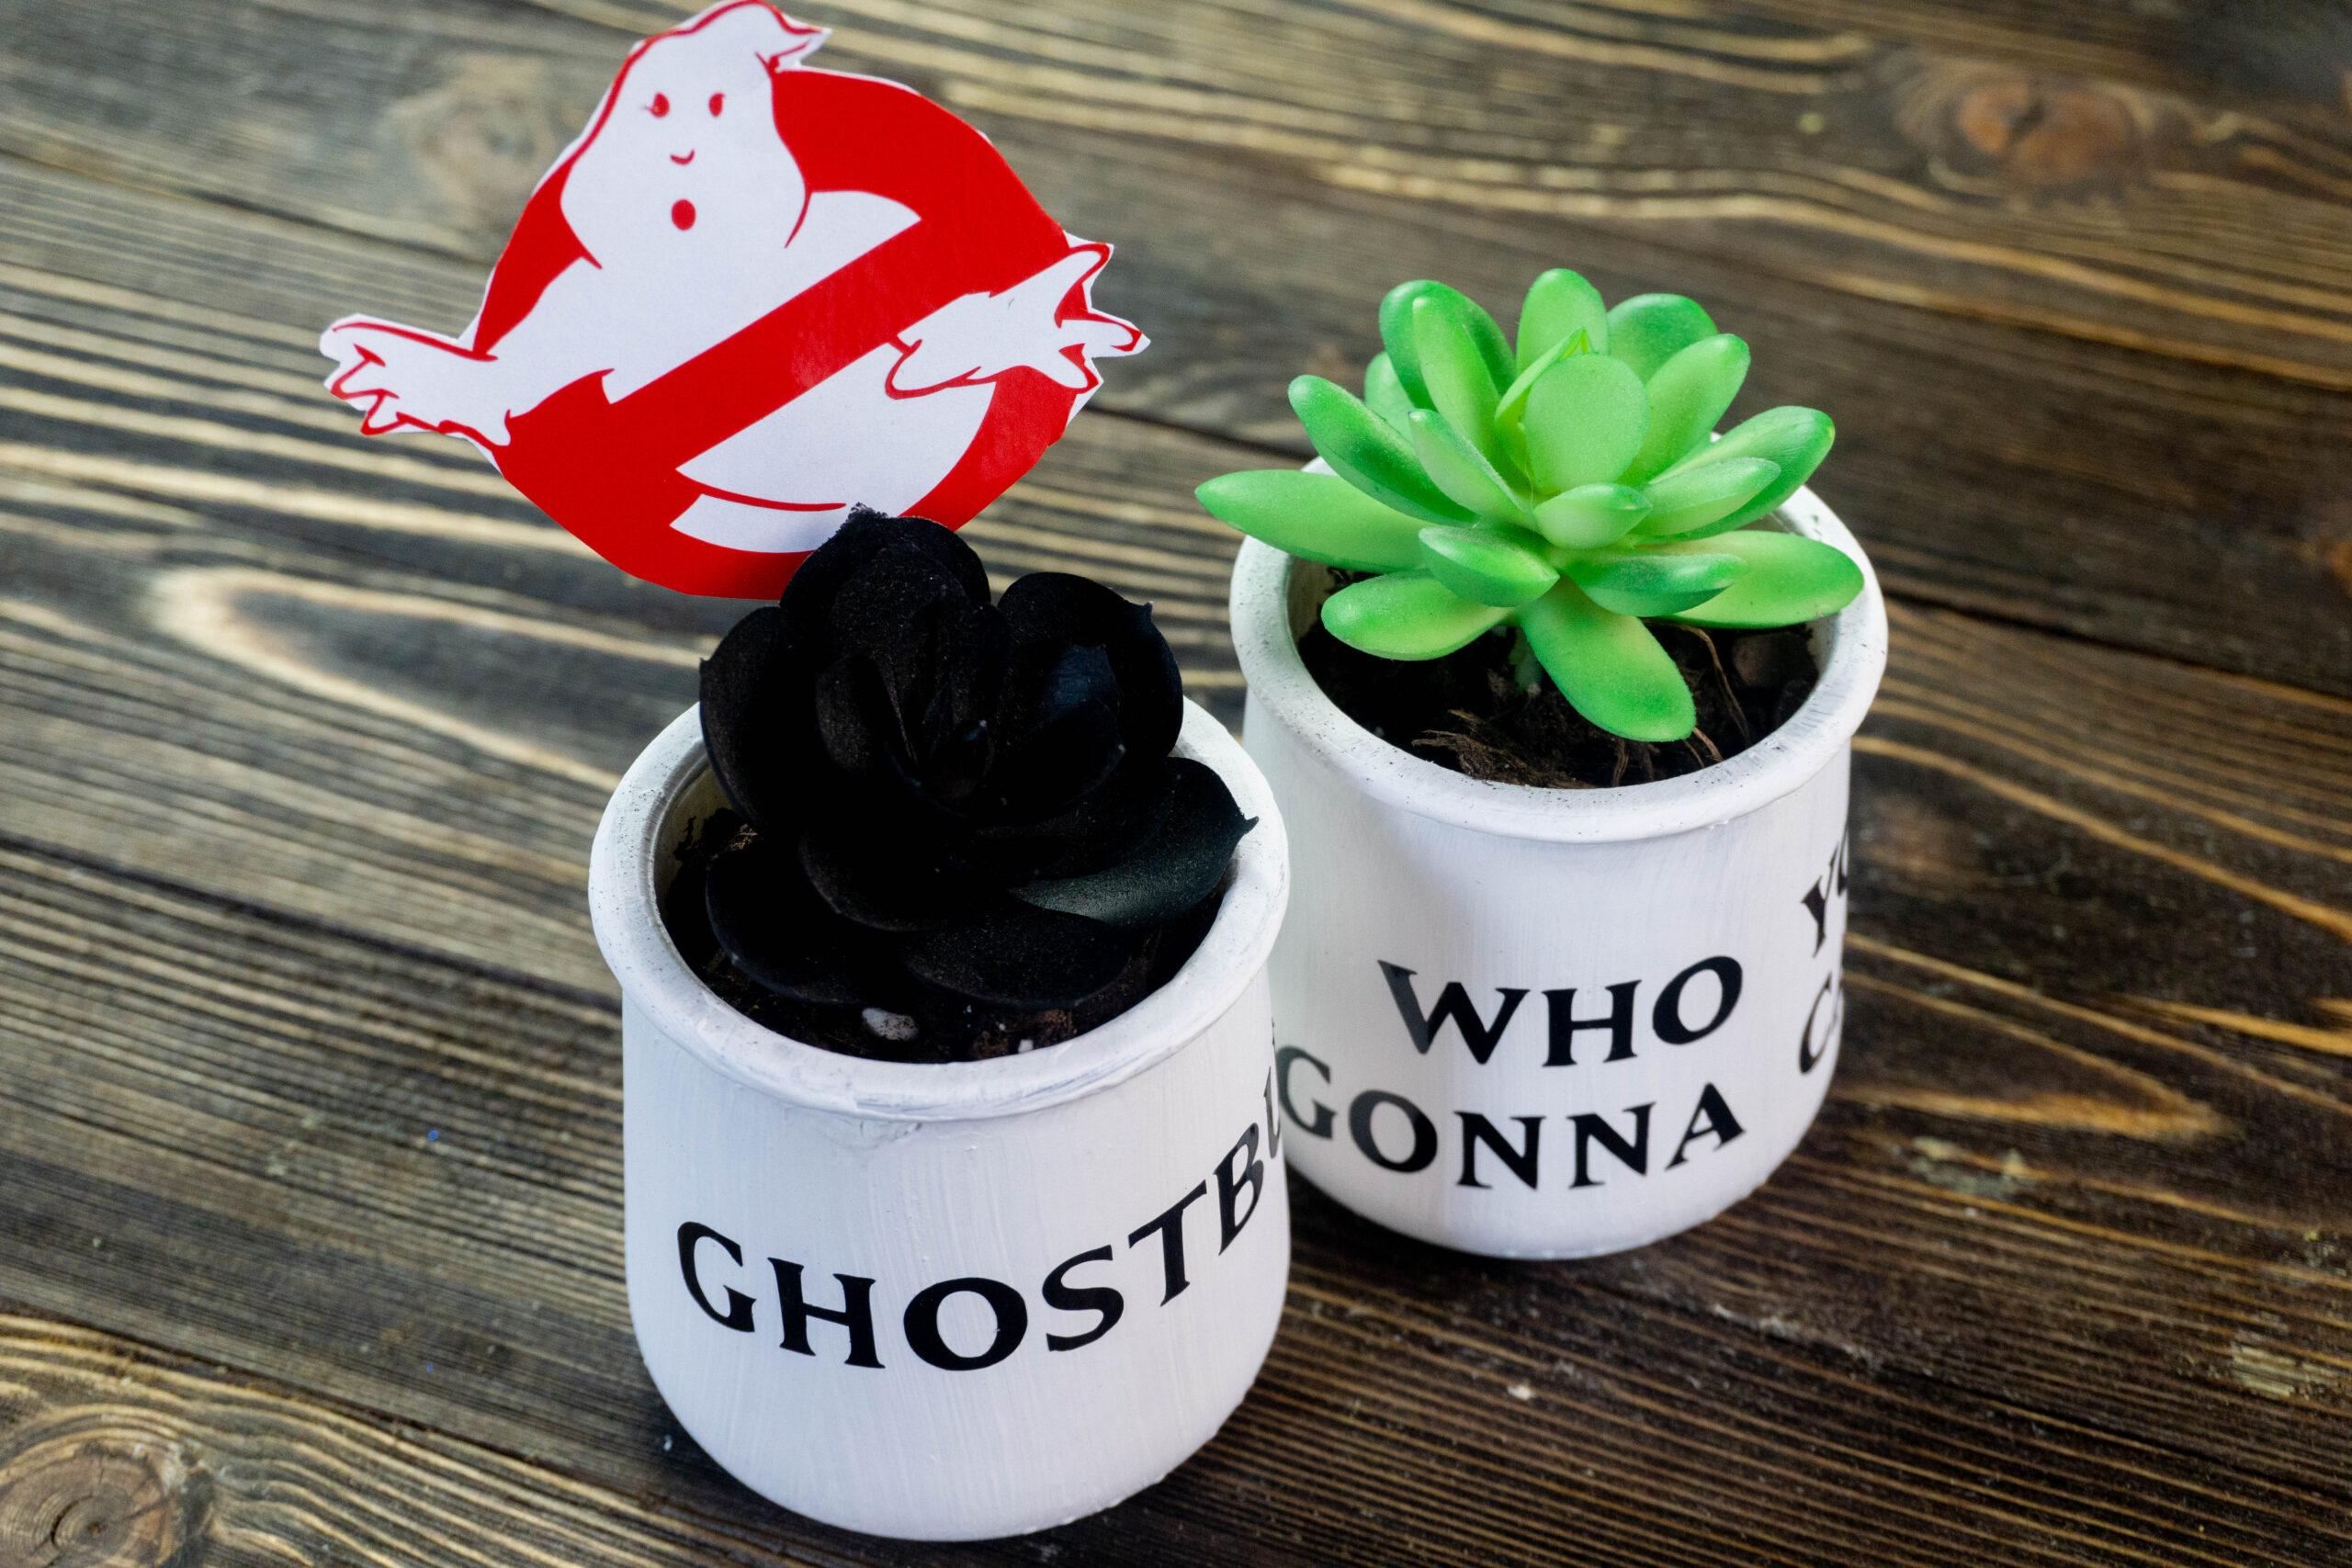 Ghostbusters Cricut Craft